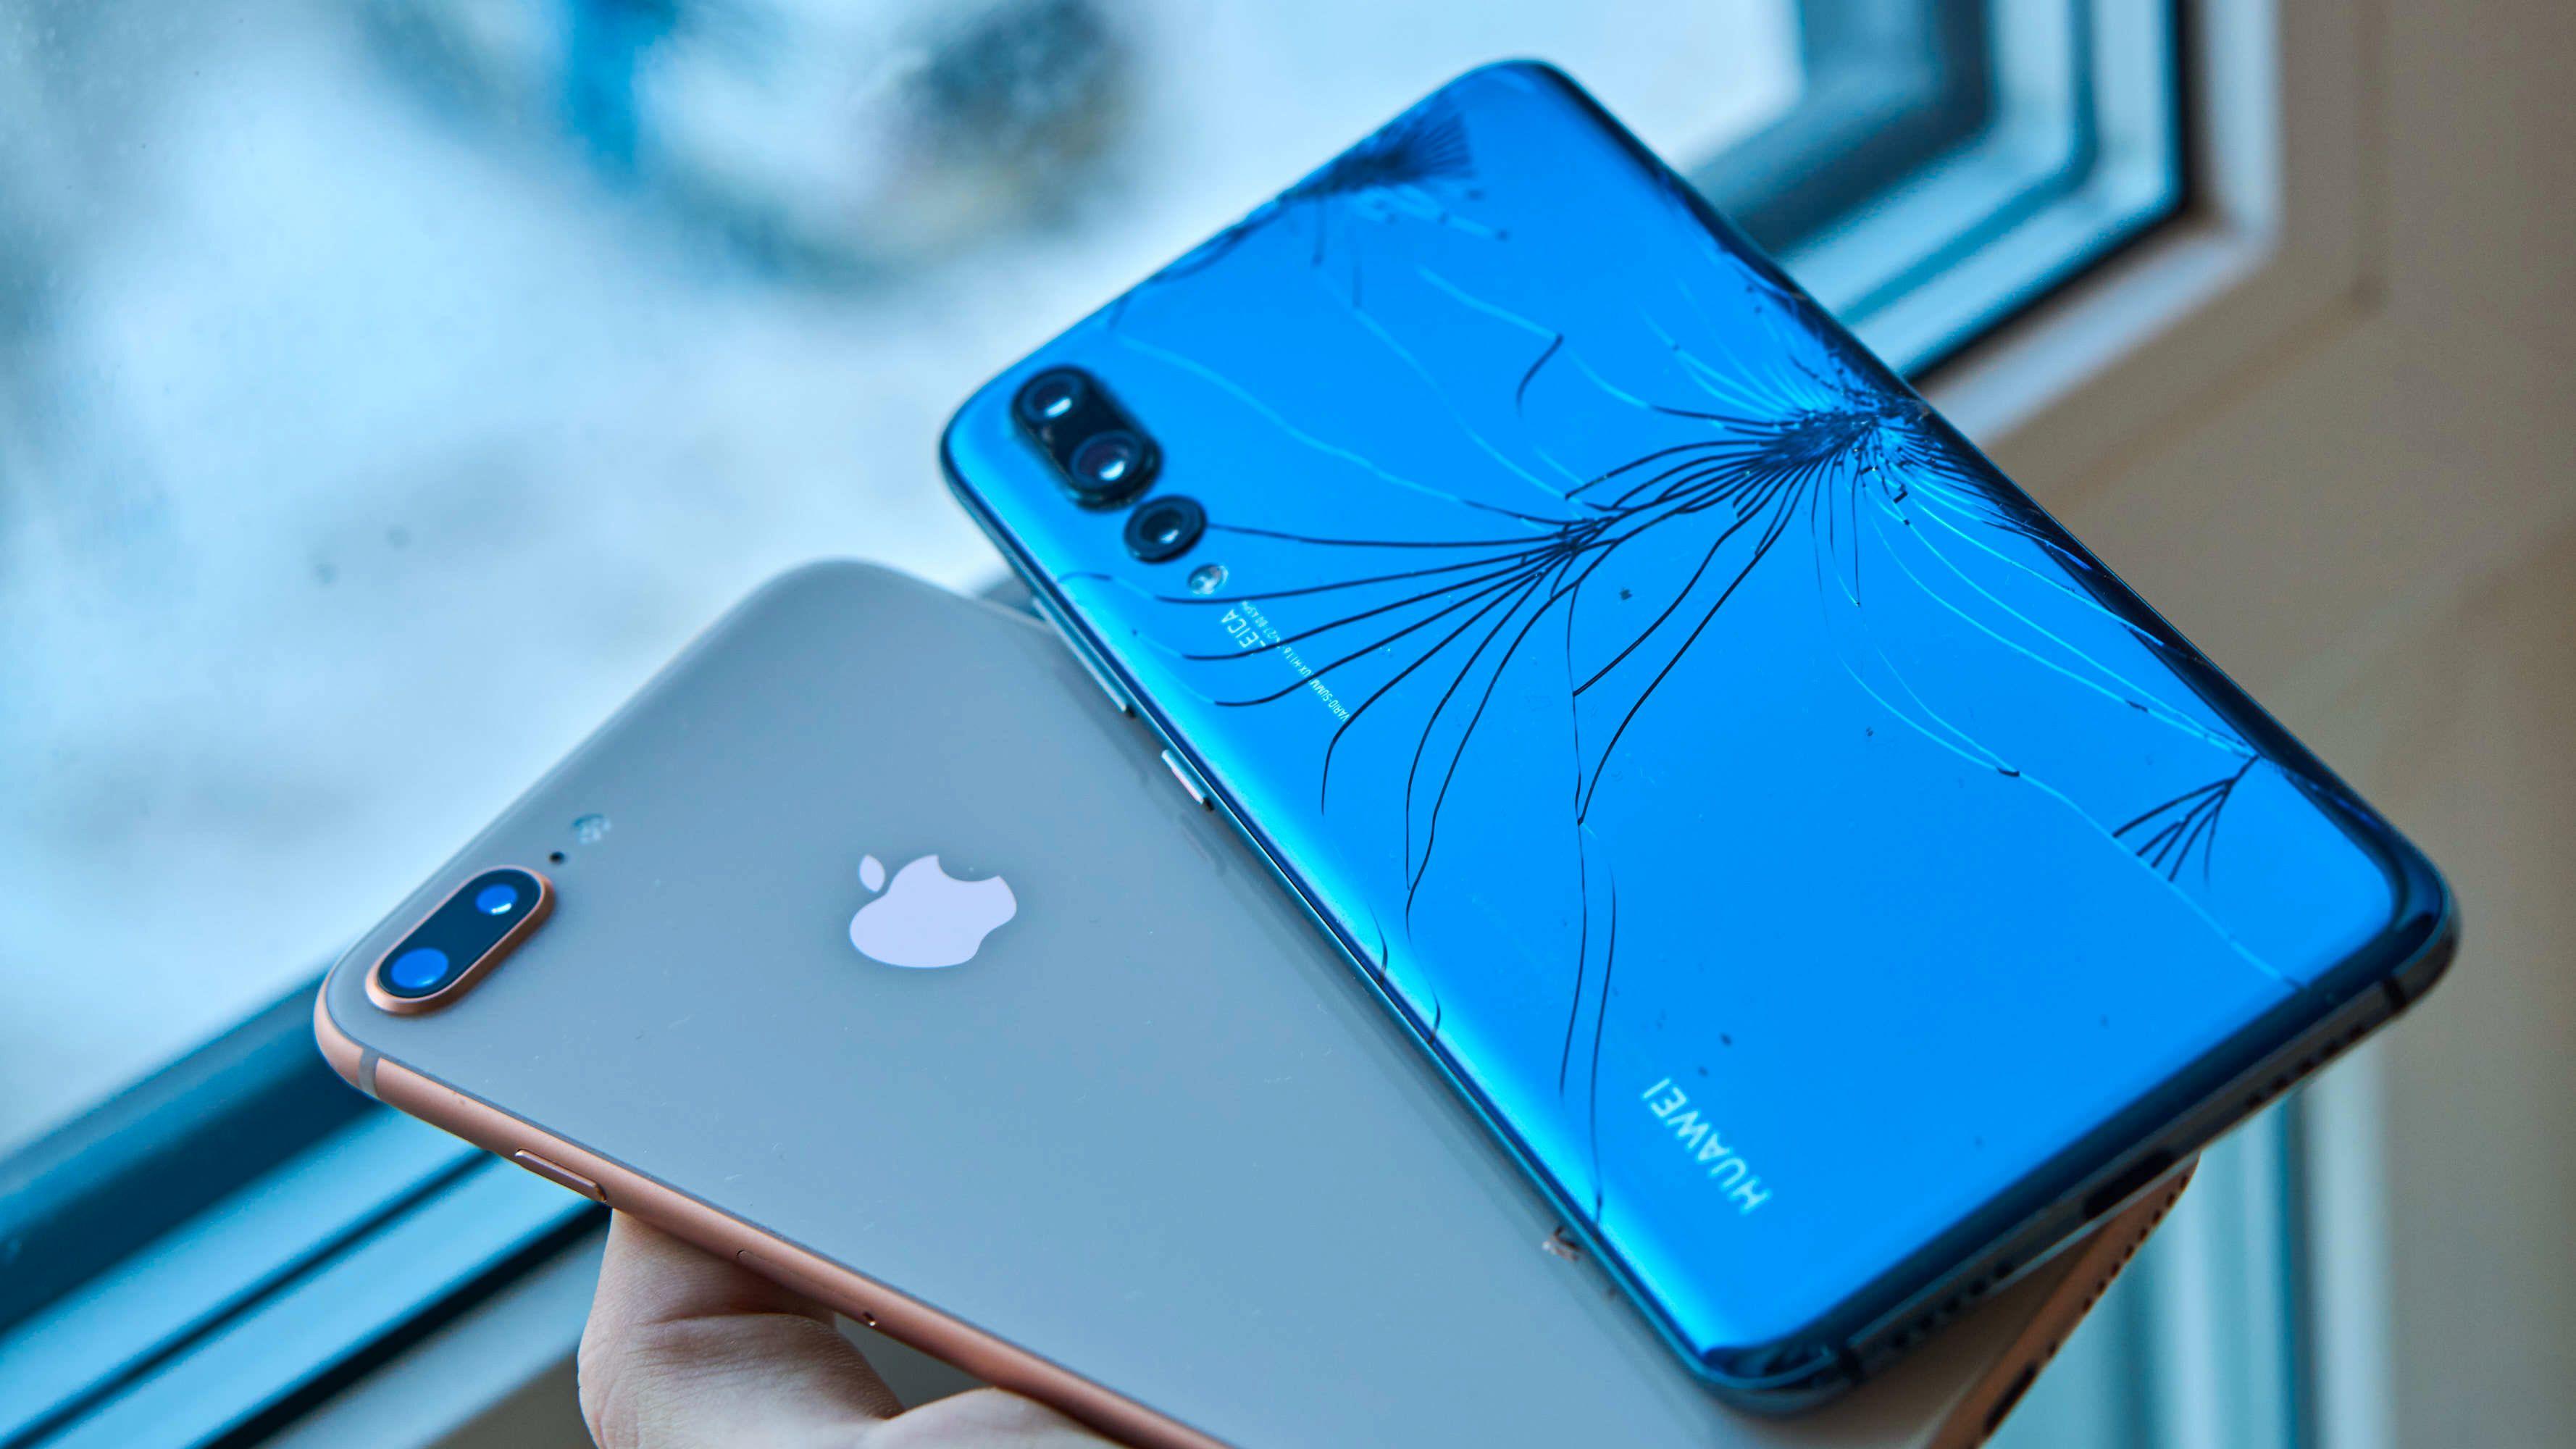 Eier du en glasstelefon av type Android (høyre) lever du ganske trygt. Er du derimot eplebruker, vel, da bør du behandle telefonen som om den var av porselen eller eventuelt ha både dype lommer og stor reparasjonsvilje.